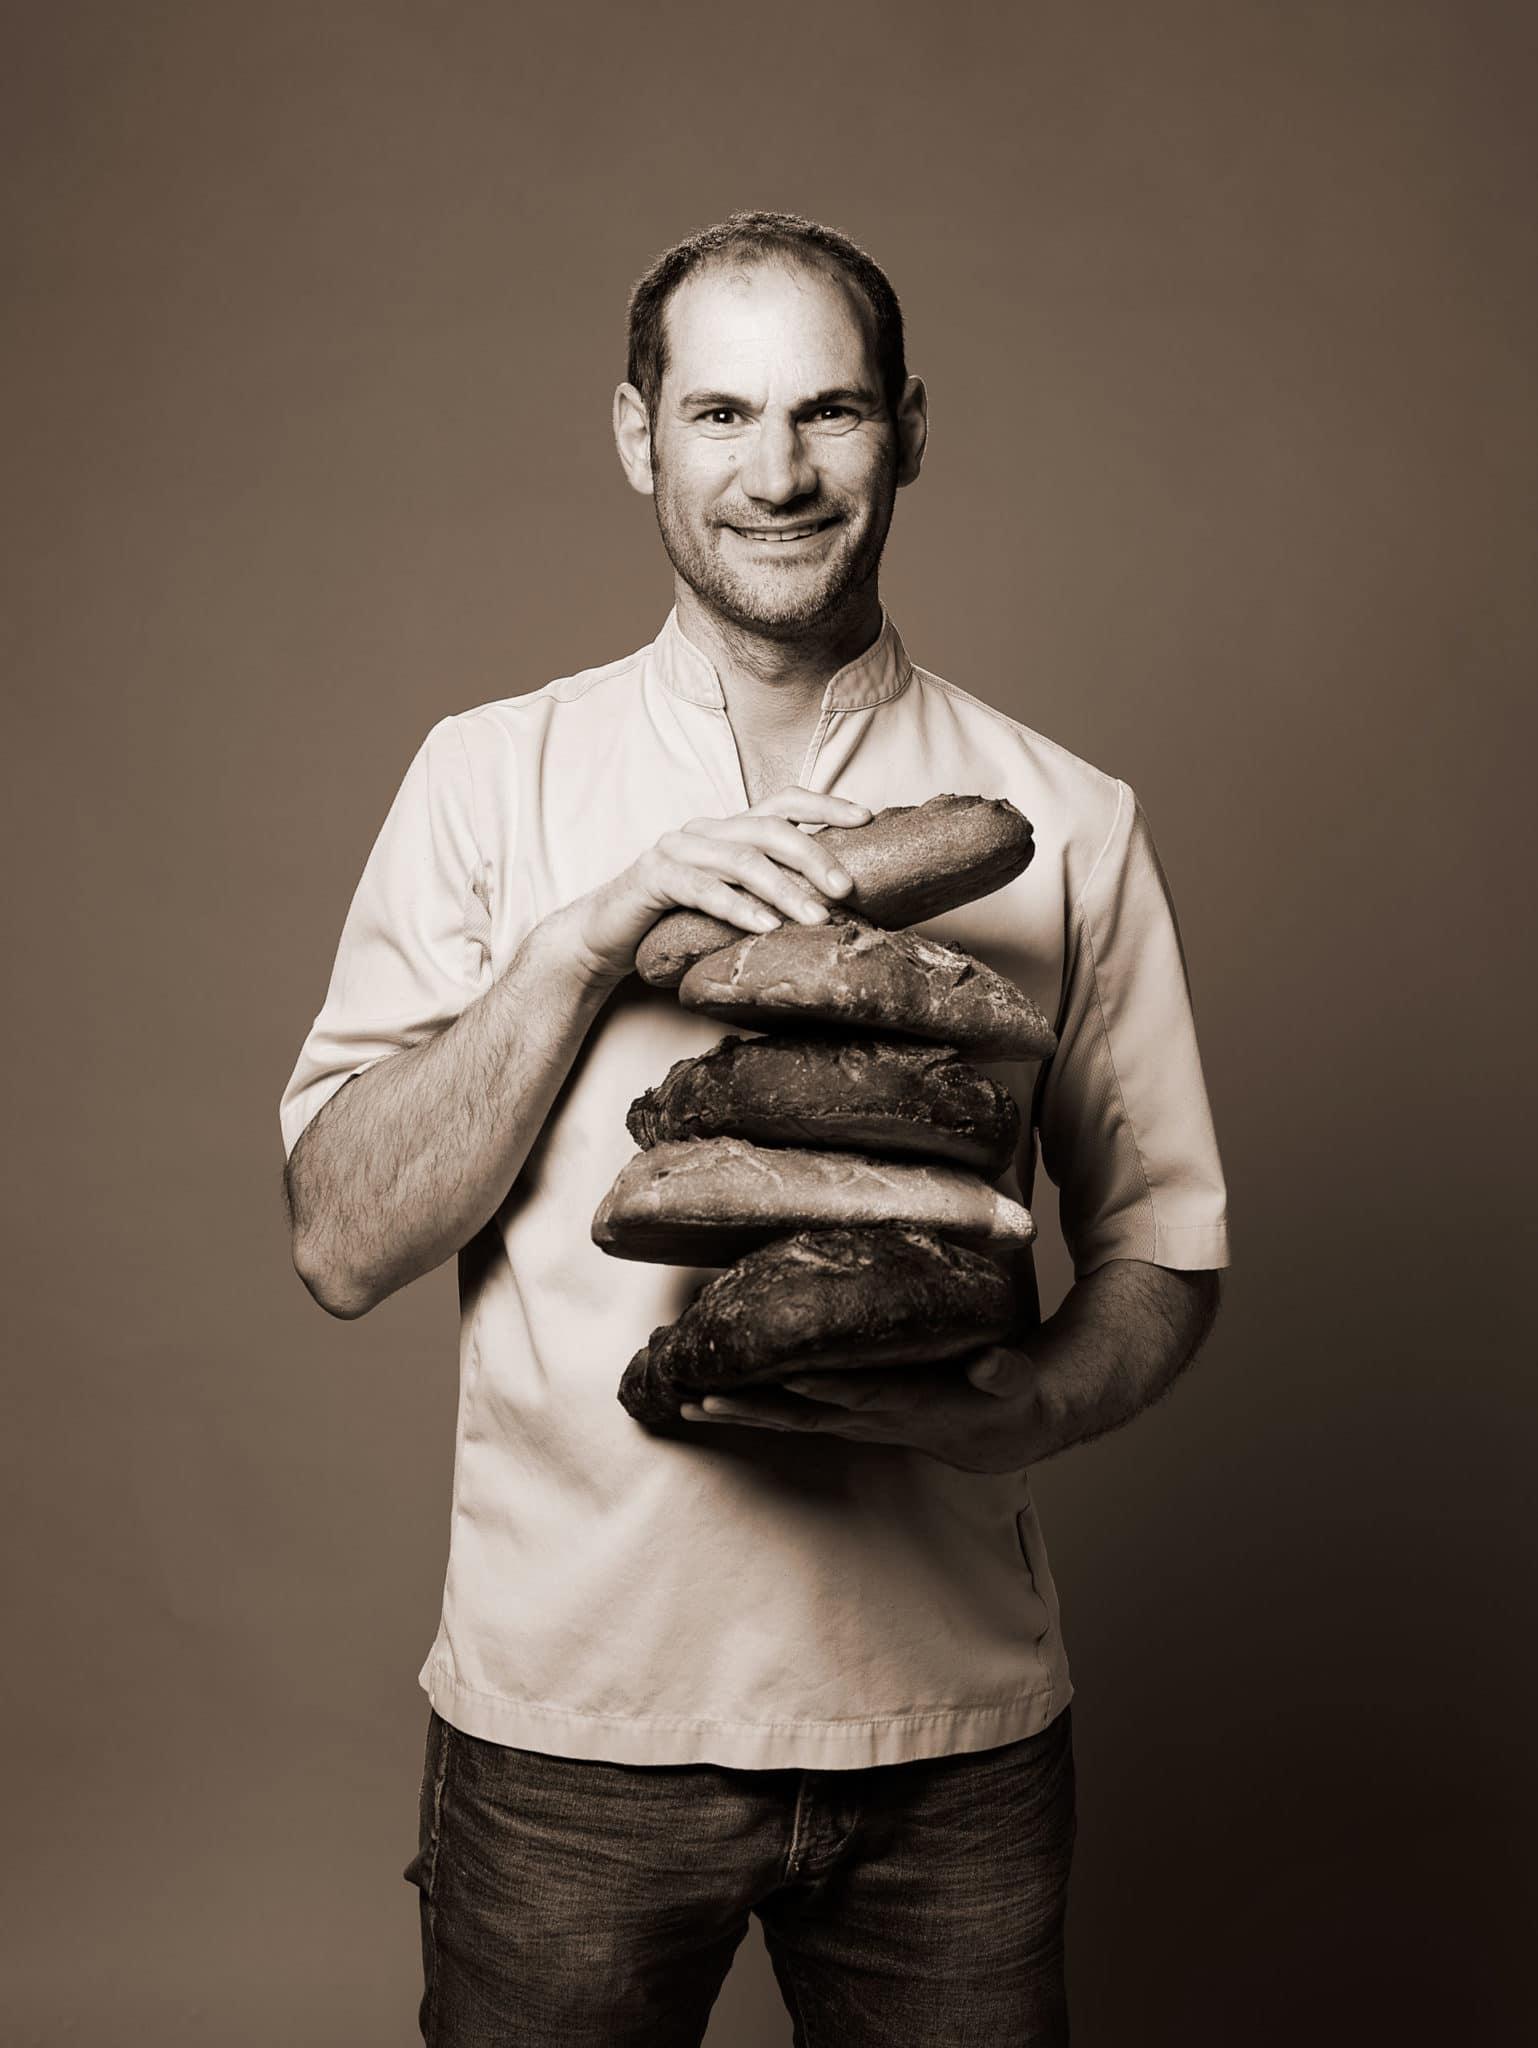 Portrait de Florian Besnier, artisan boulanger et propriétaire de trois boulangeries à Angers et Écouflant